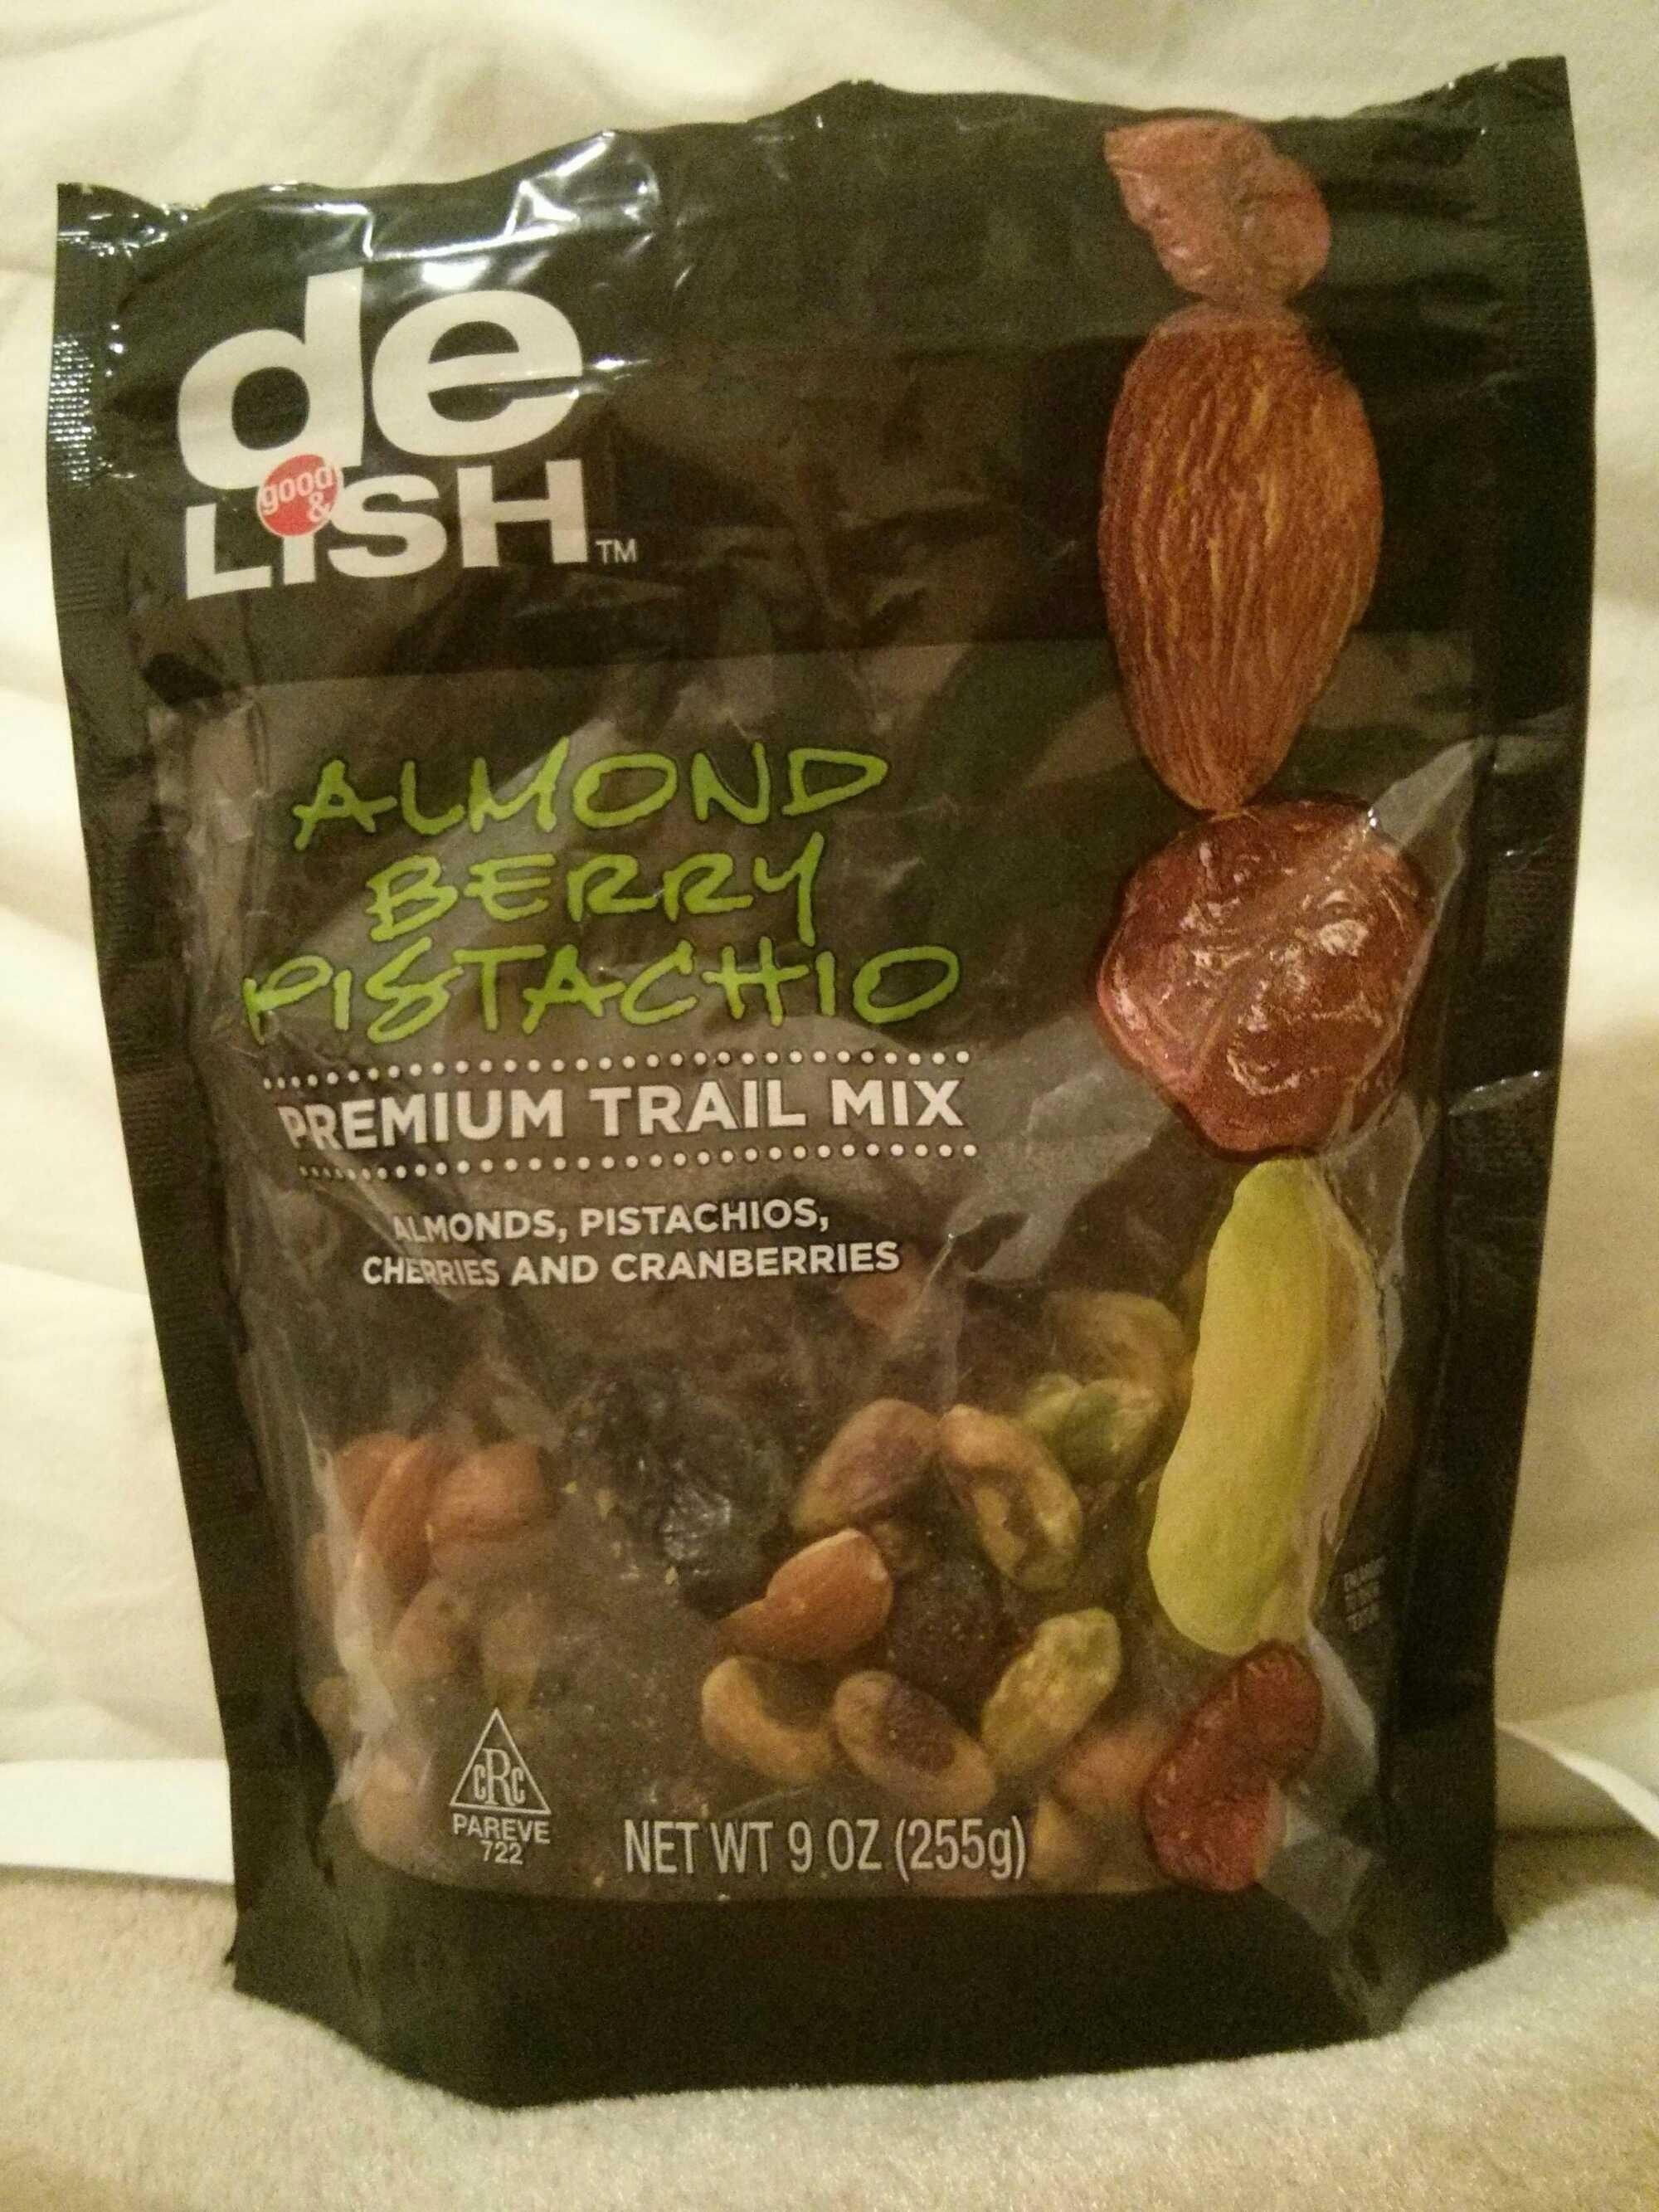 Premium trail mix - Product - en